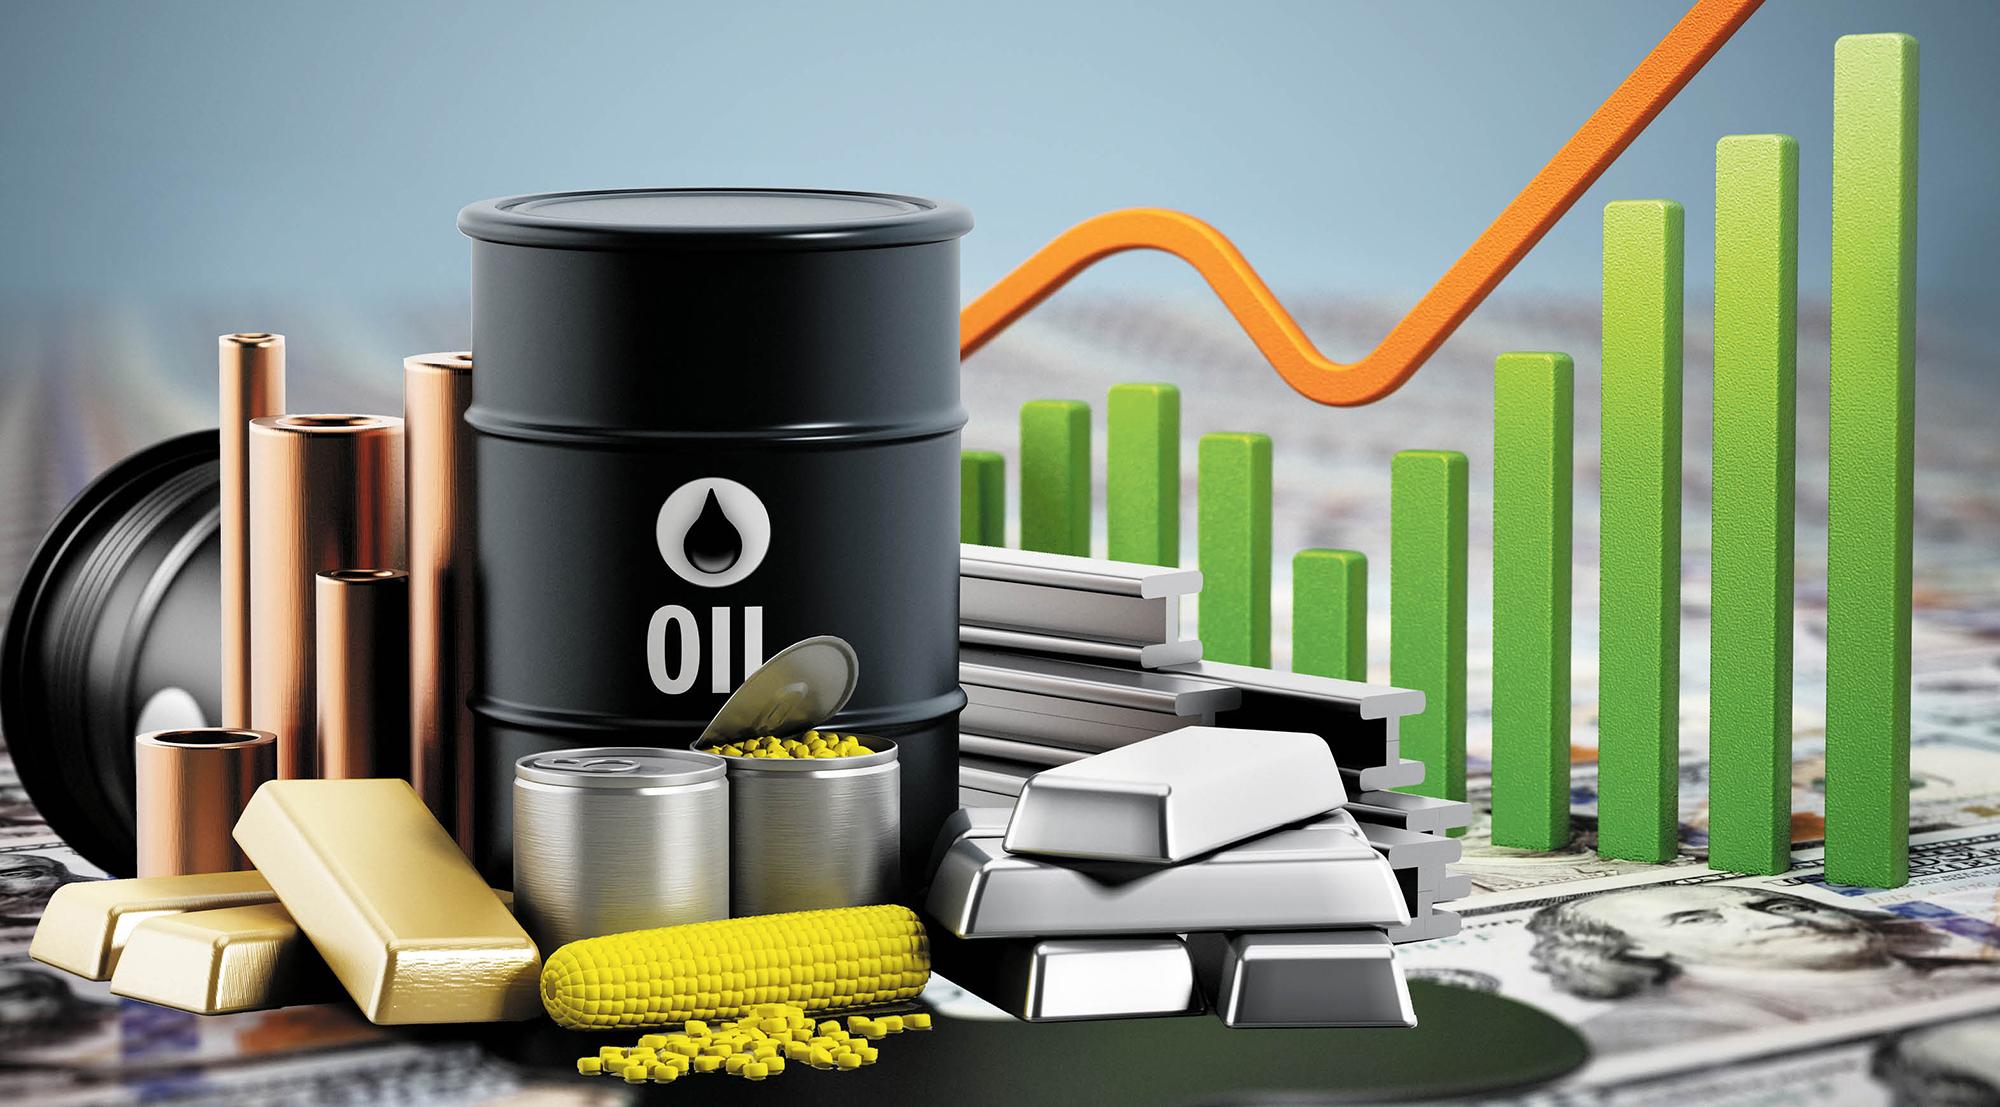 Capital Economics: Hàng hóa đã qua đỉnh giá, hãy sẵn sàng cho những đợt giảm sâu trên diện rộng